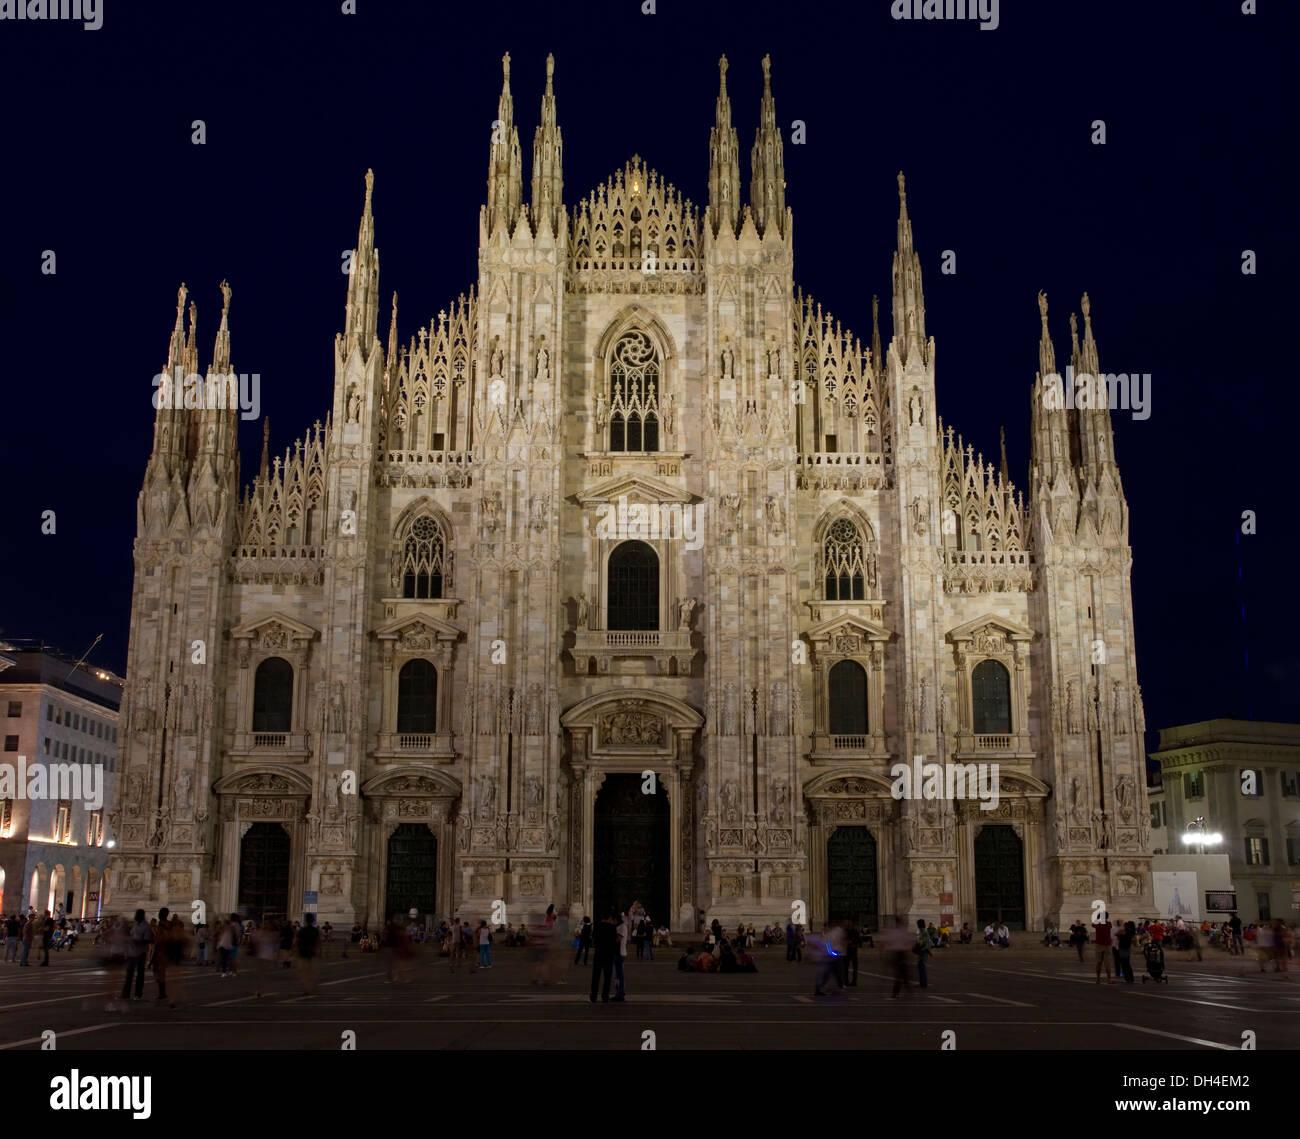 Night shot of Duomo di Milano (Milan Cathedral) taken from Piazza del Duomo, Milan, Italy. - Stock Image